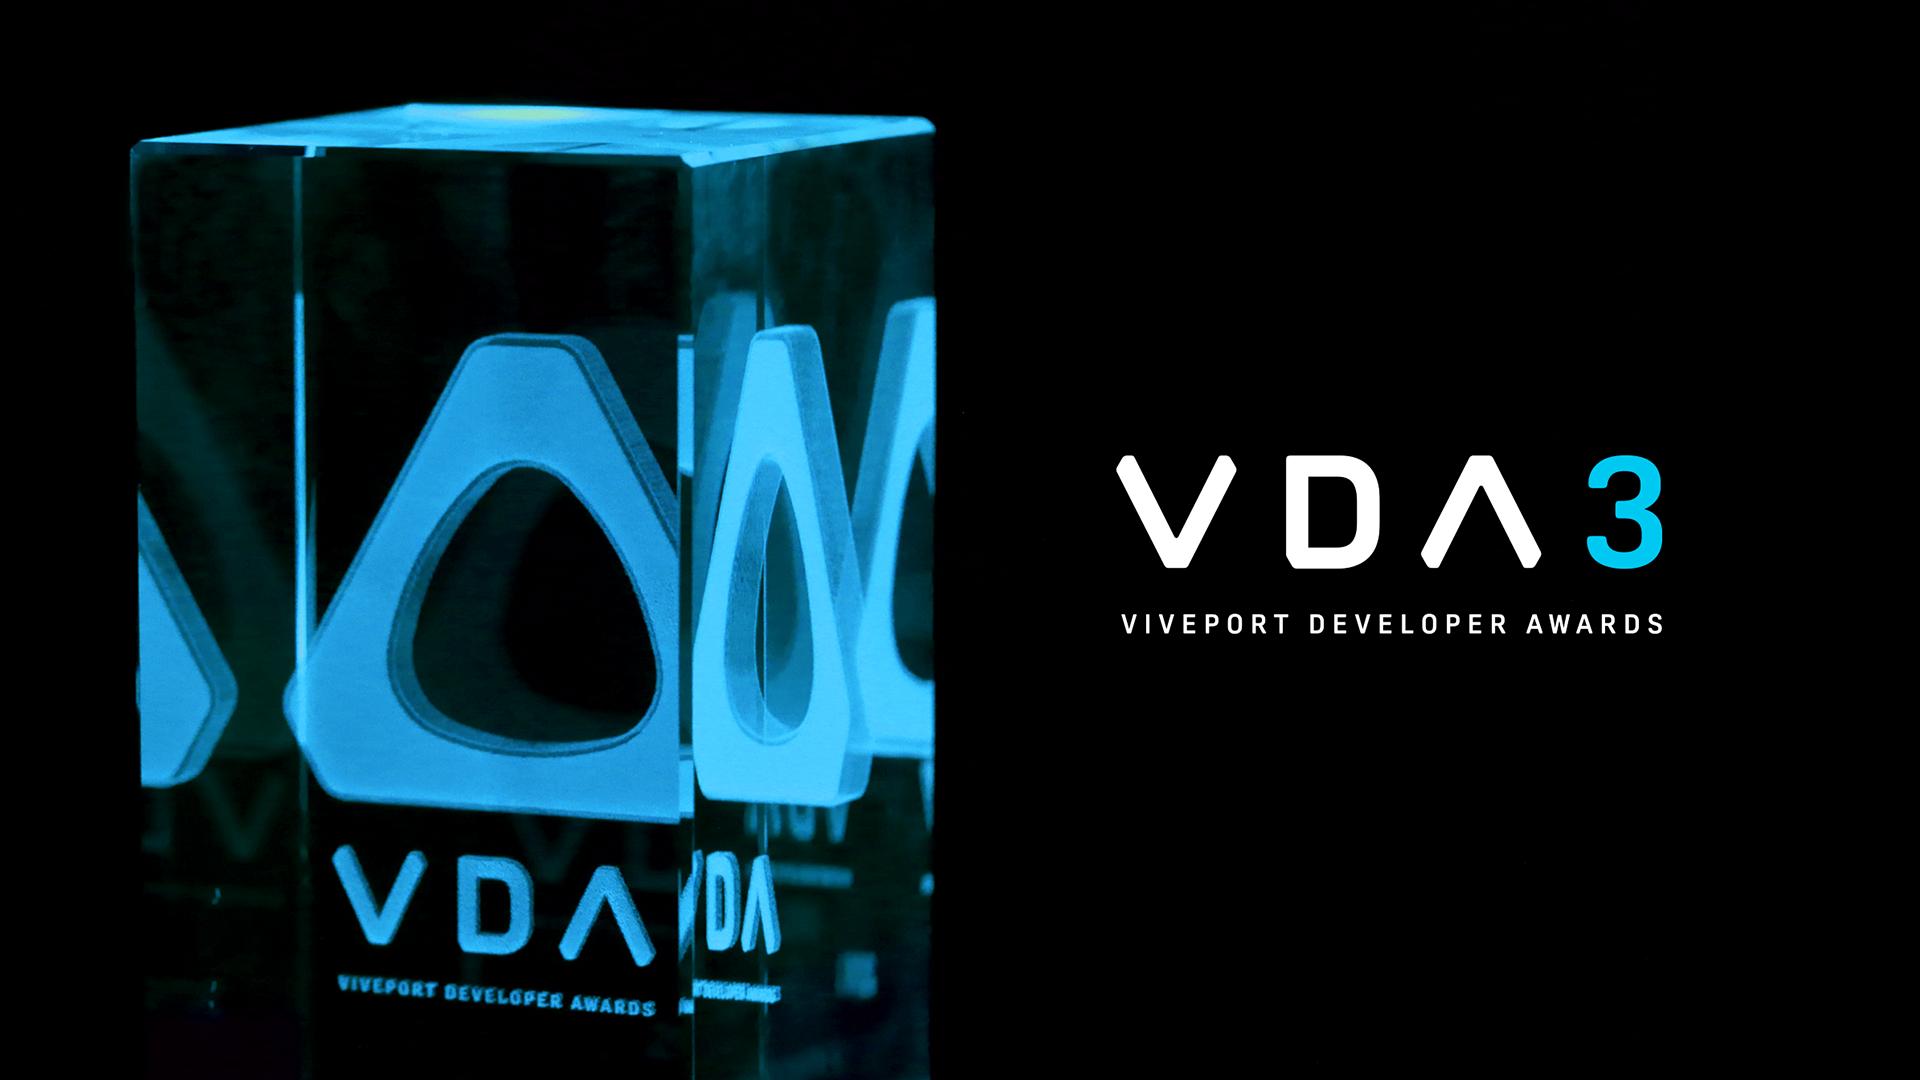 Viveport Developer Awards 2018